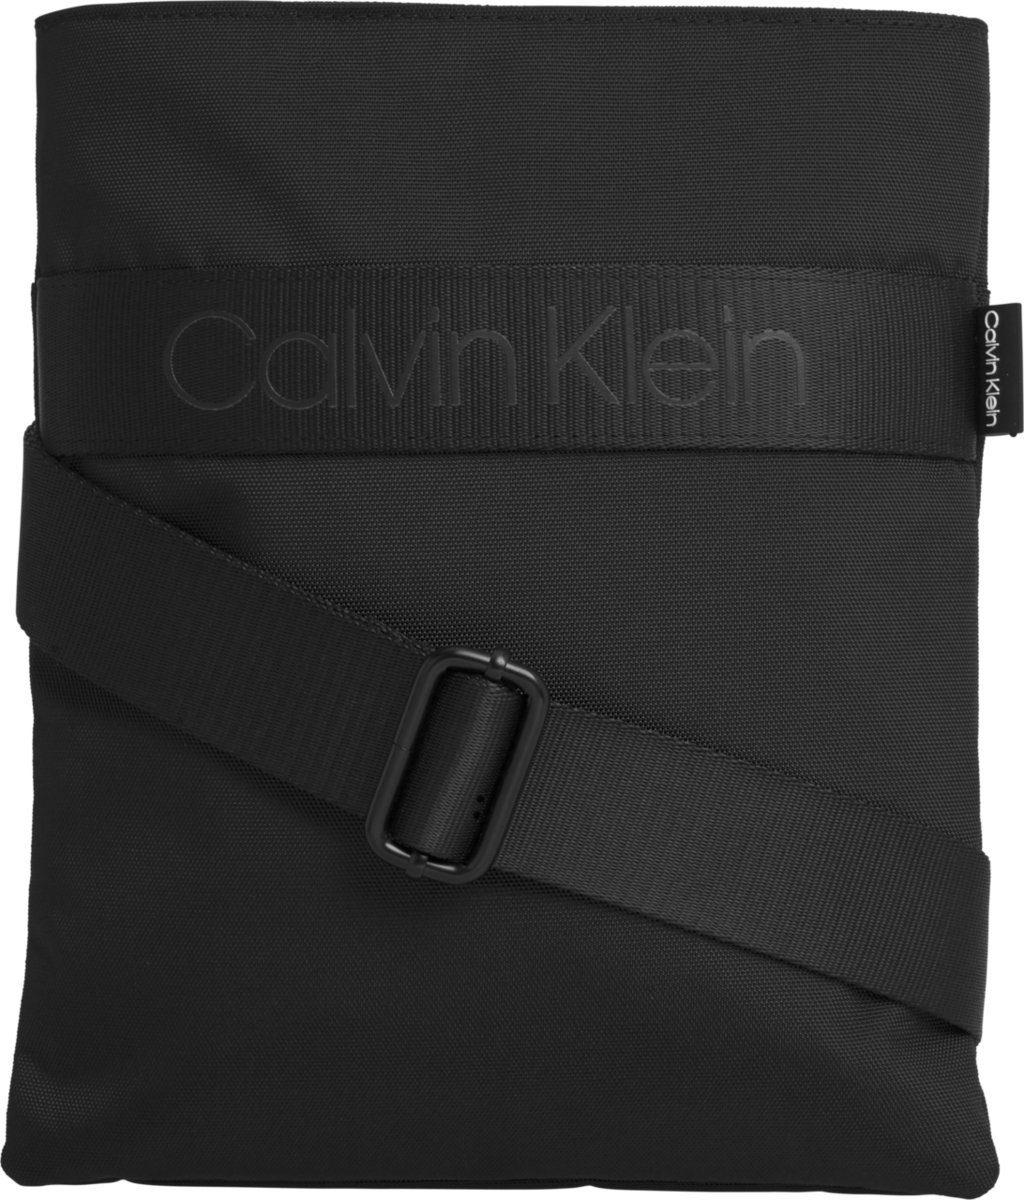 Calvin Klein Umhängetasche »NASTRO LOGO FLAT CROSSOVER«, in schlichter Optik online kaufen | OTTO